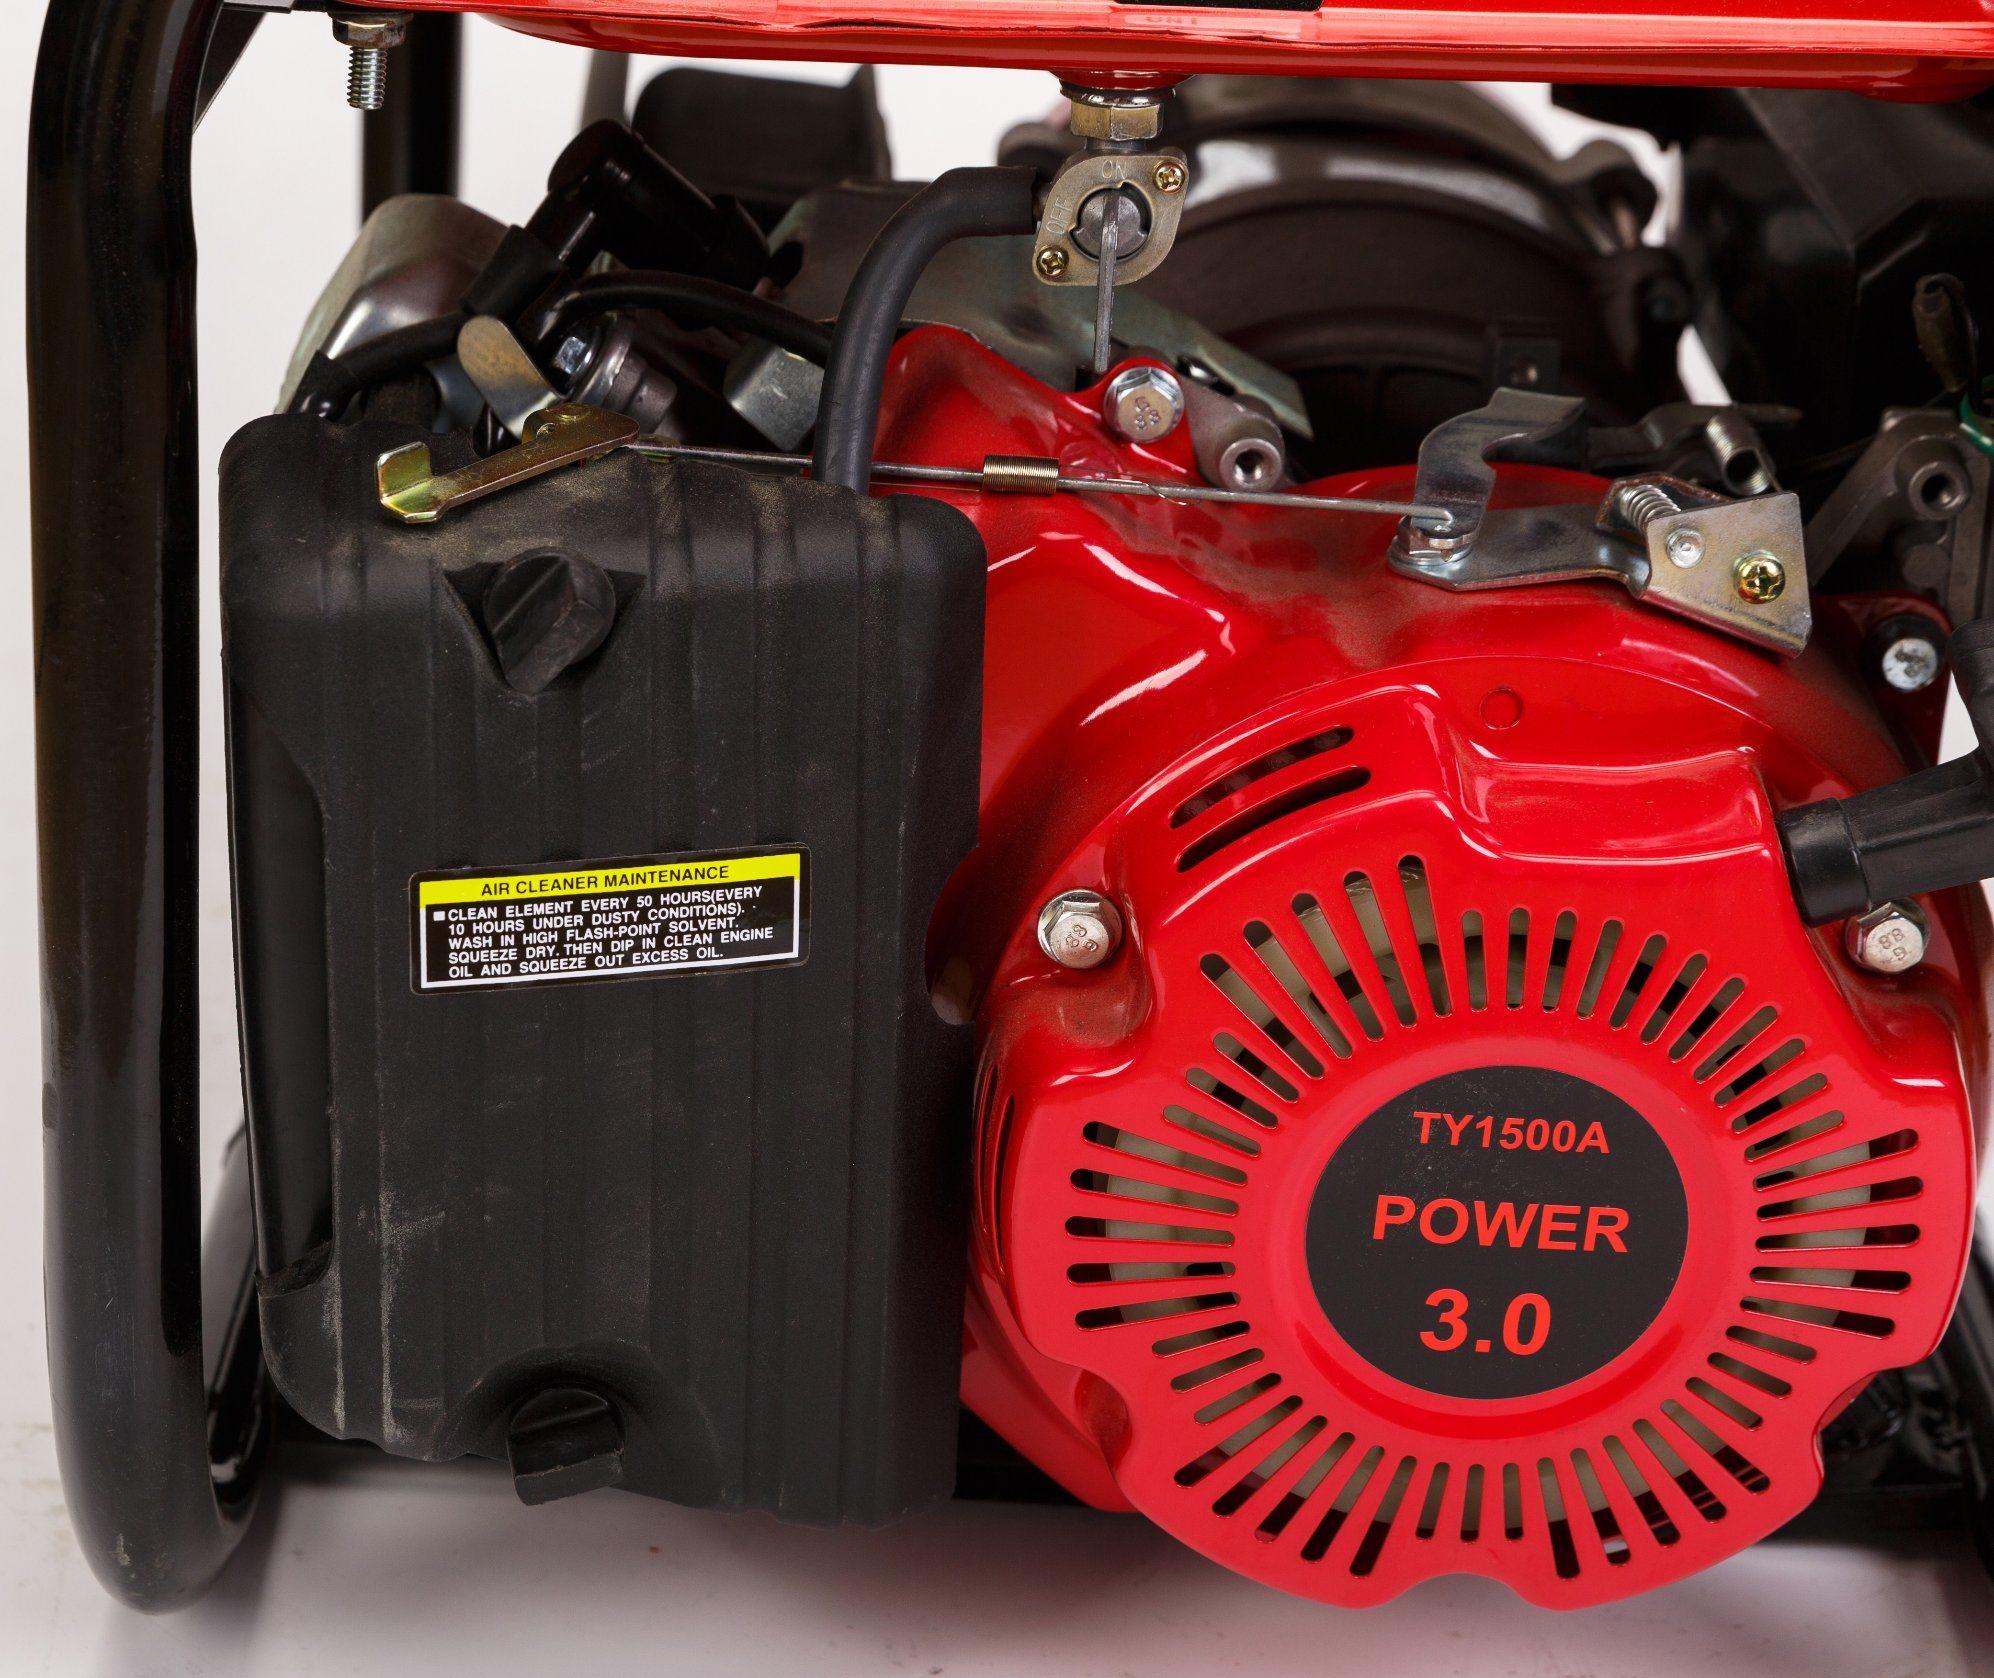 1kw Aluminium Wire Recoil Start Portable Small Silent Gasoline Generator